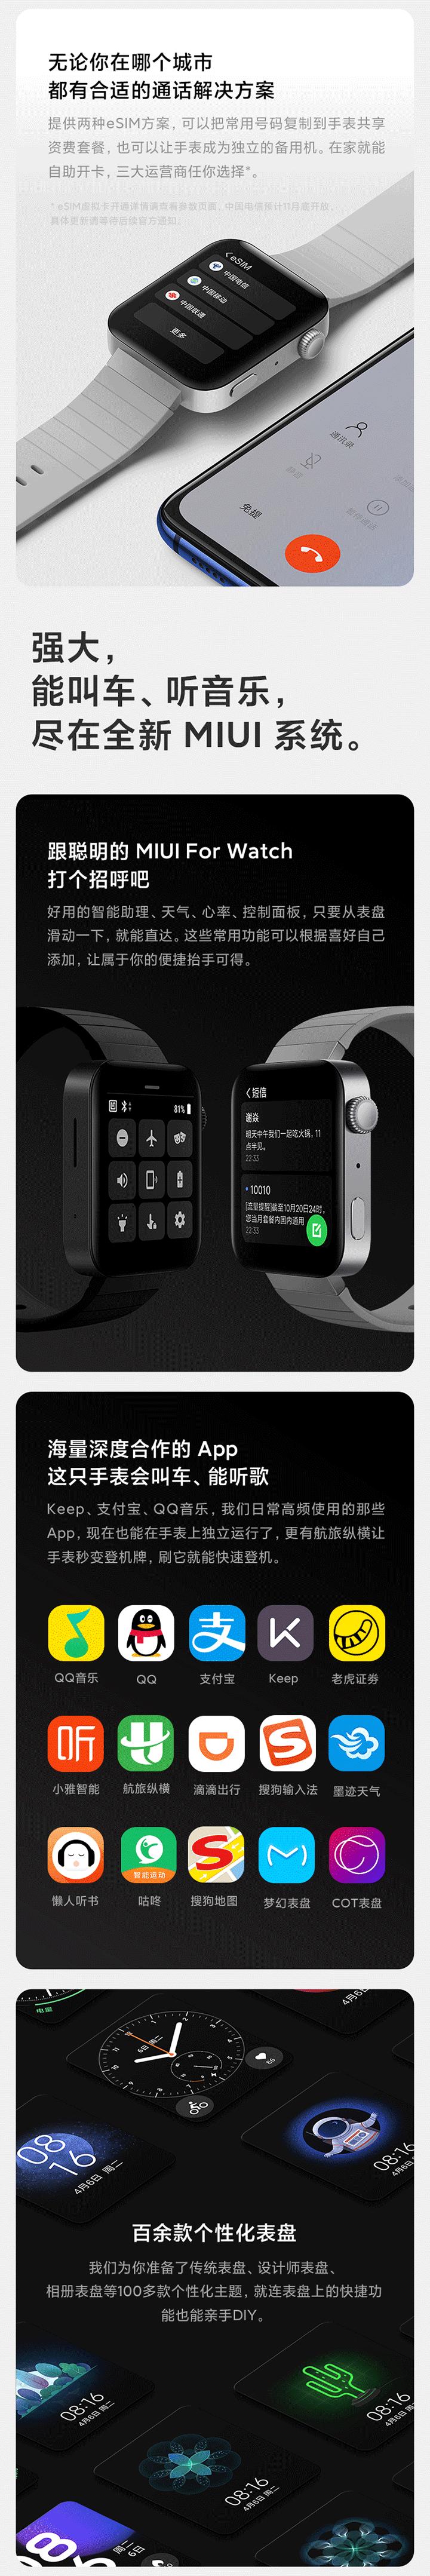 小米手表免费试用,评测